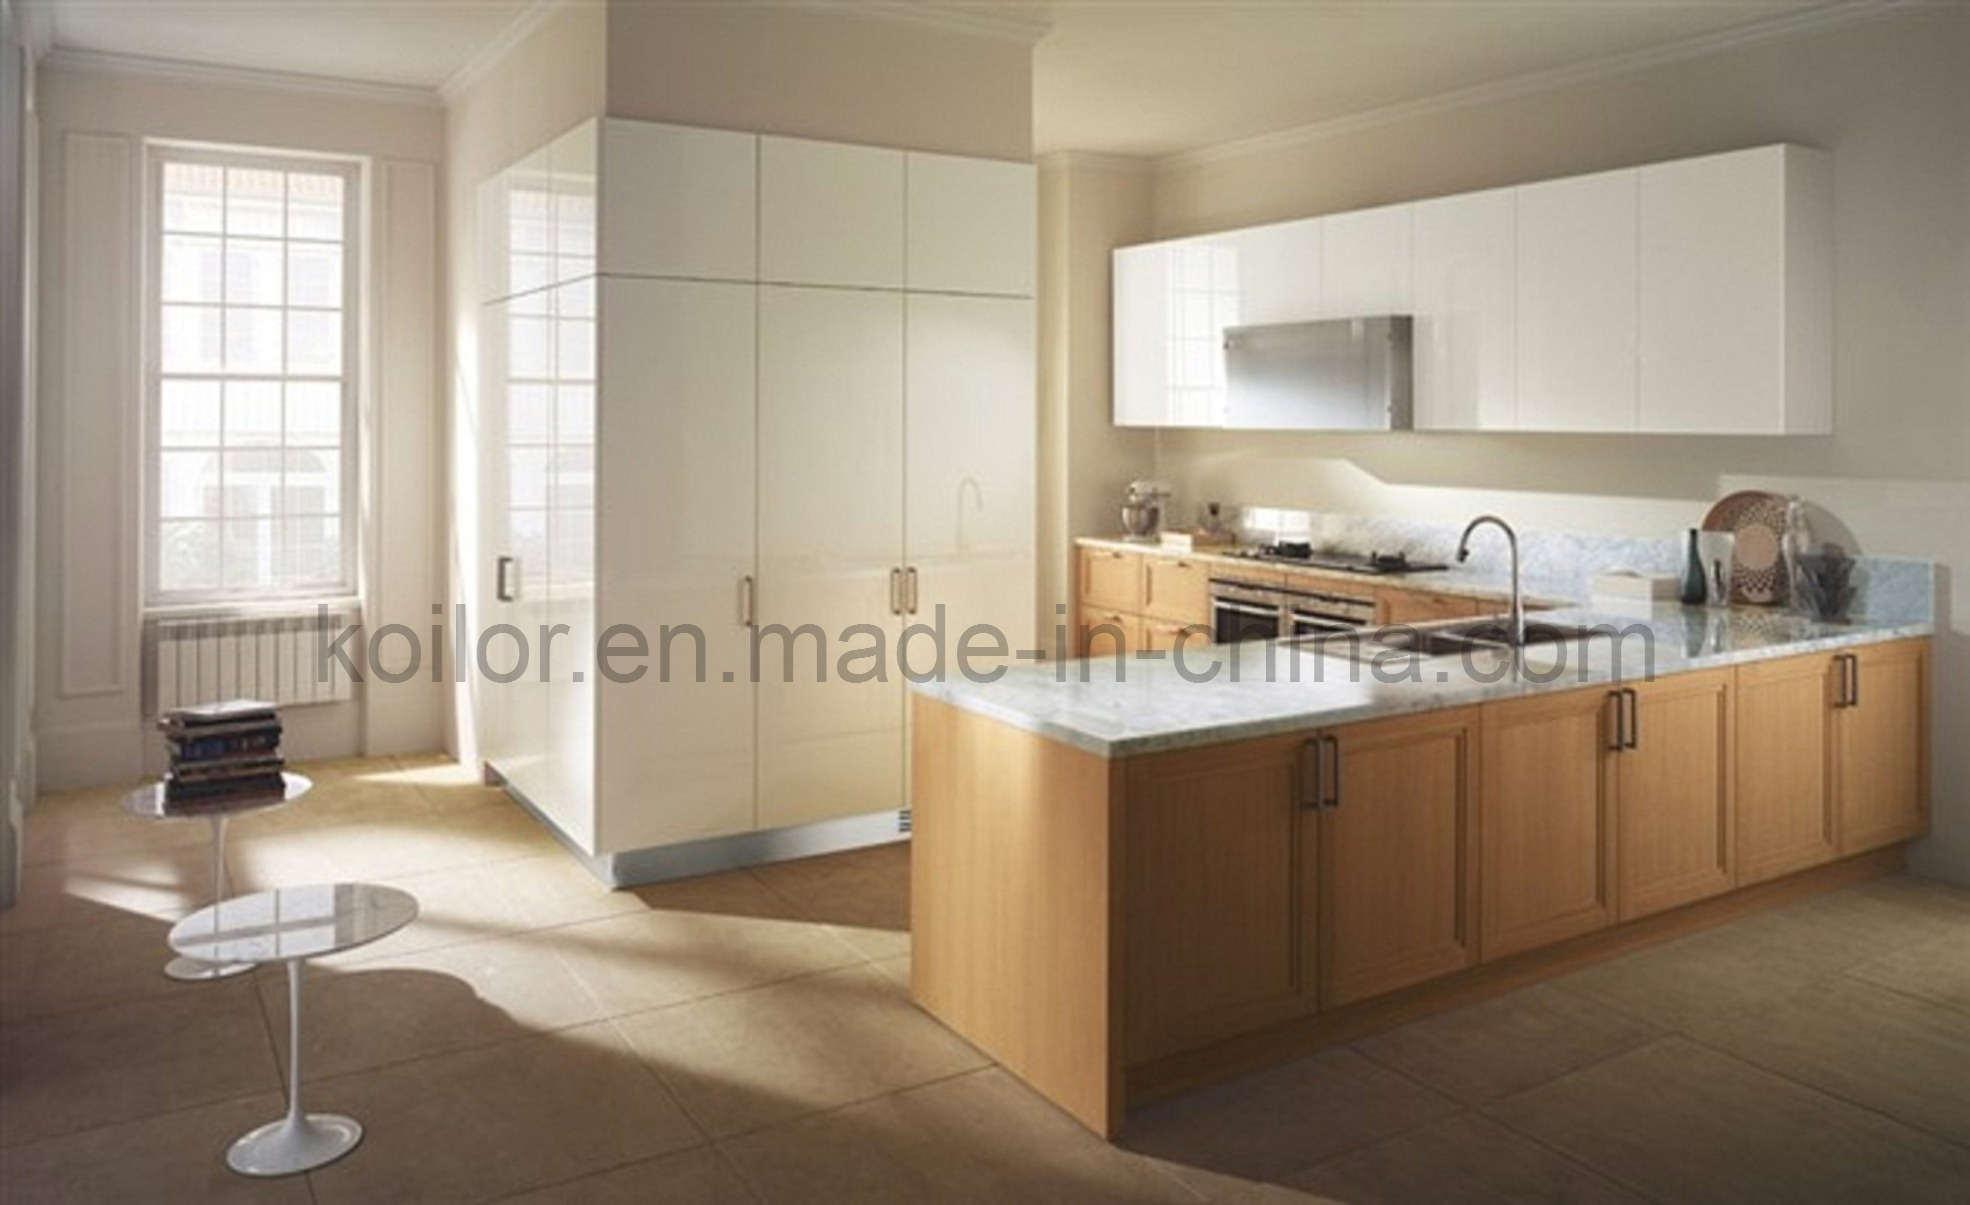 Armarios de cocina de madera sólida (tranquila bahía) – Armarios de ...